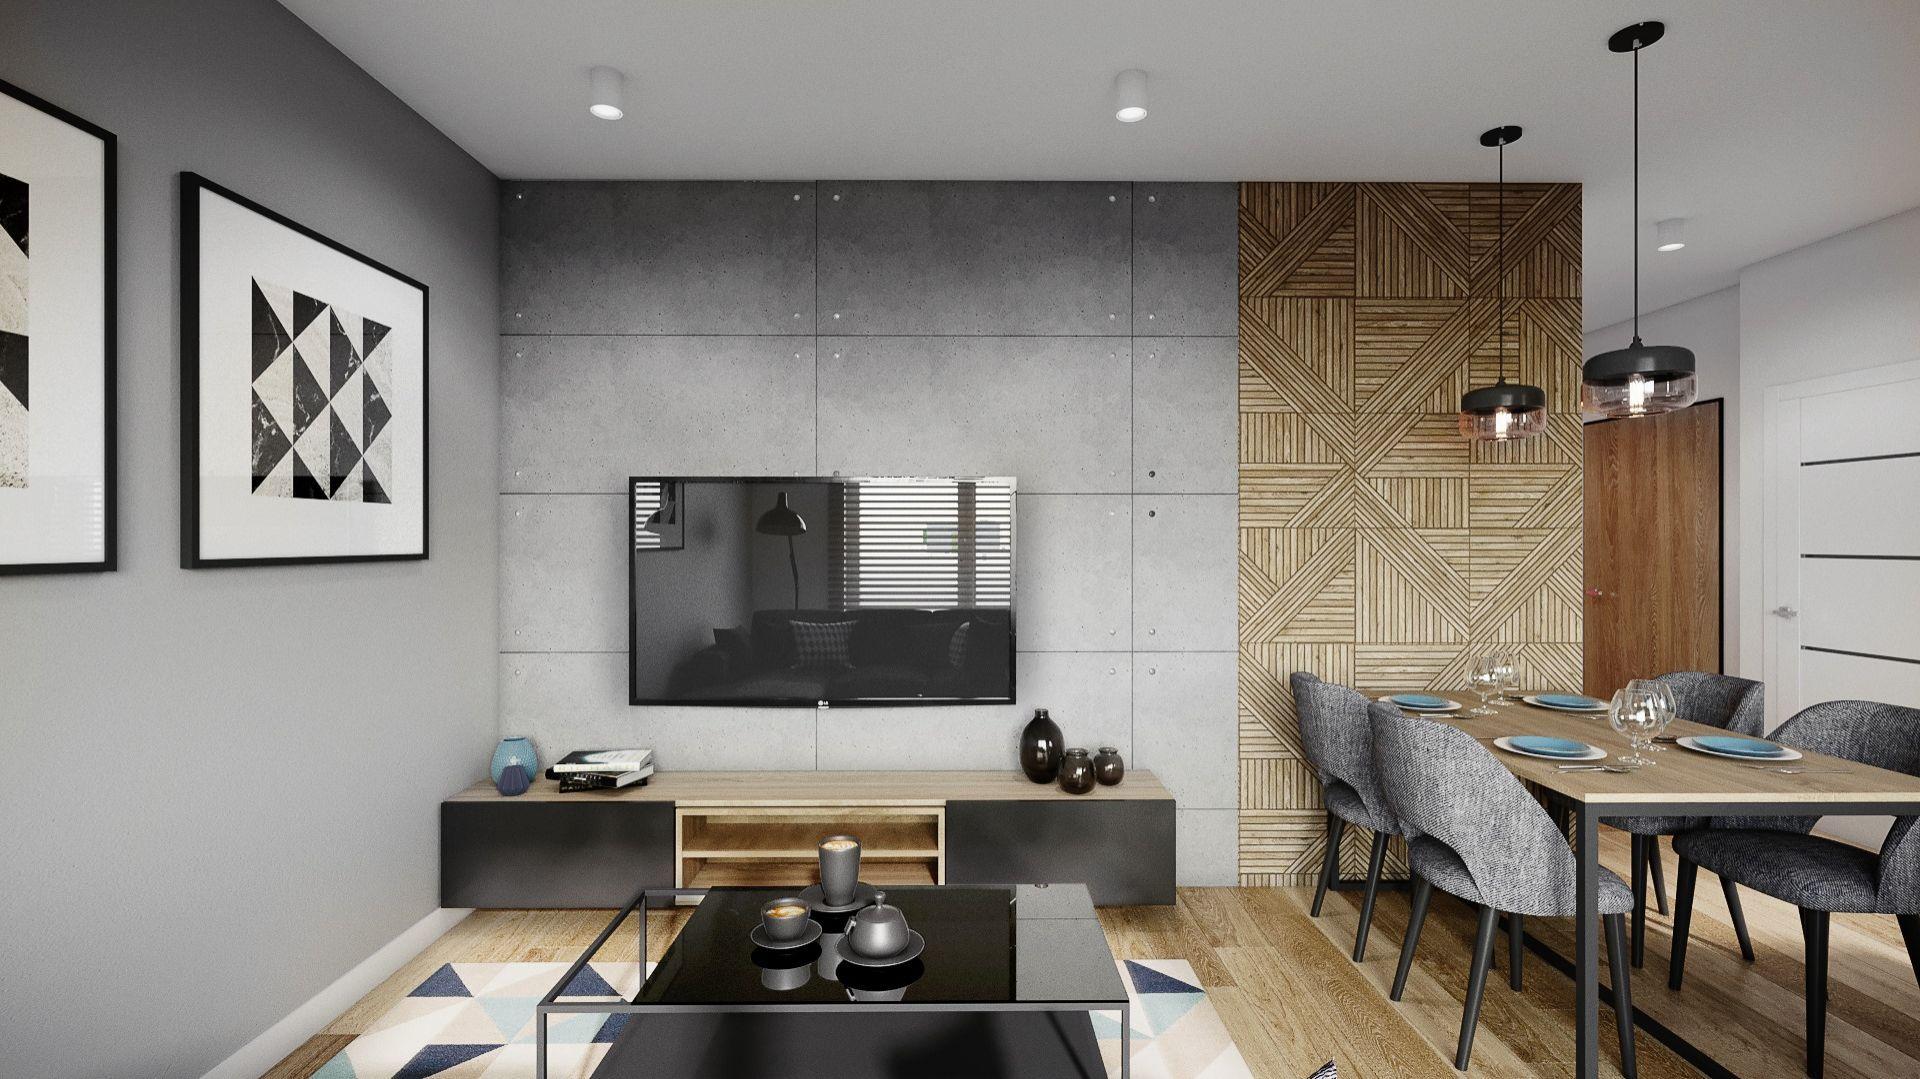 W nowoczesnym salonie szafka pod telewizor doskonale pasuje do kolorystyki i materiałów wykończeniowych. Projekt i zdjęcia: Justyna Krupka, studio projektowe Przestrzenie